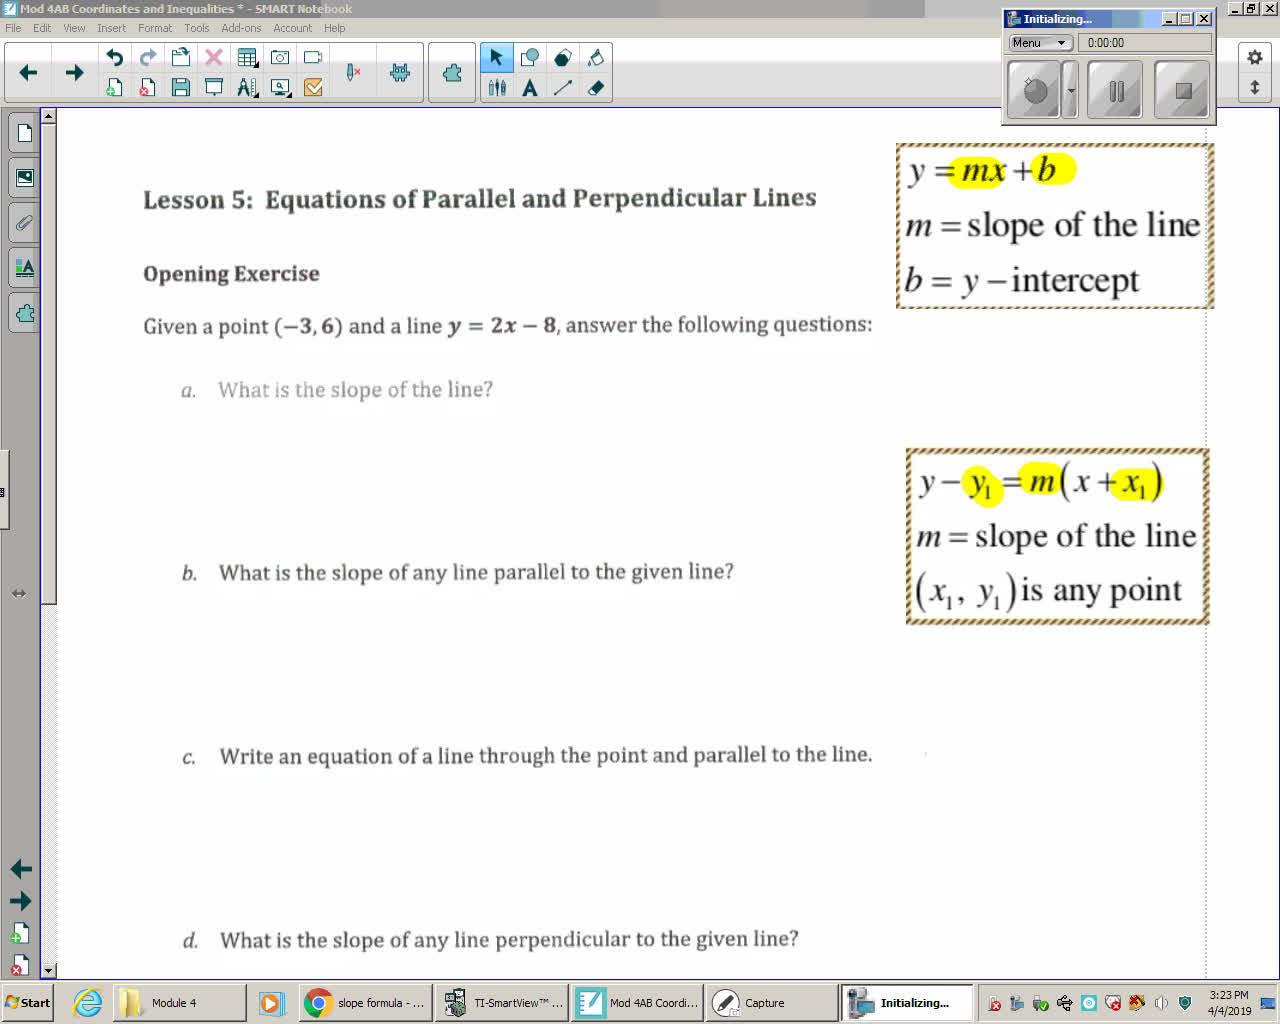 Mod 4AB Lesson 5